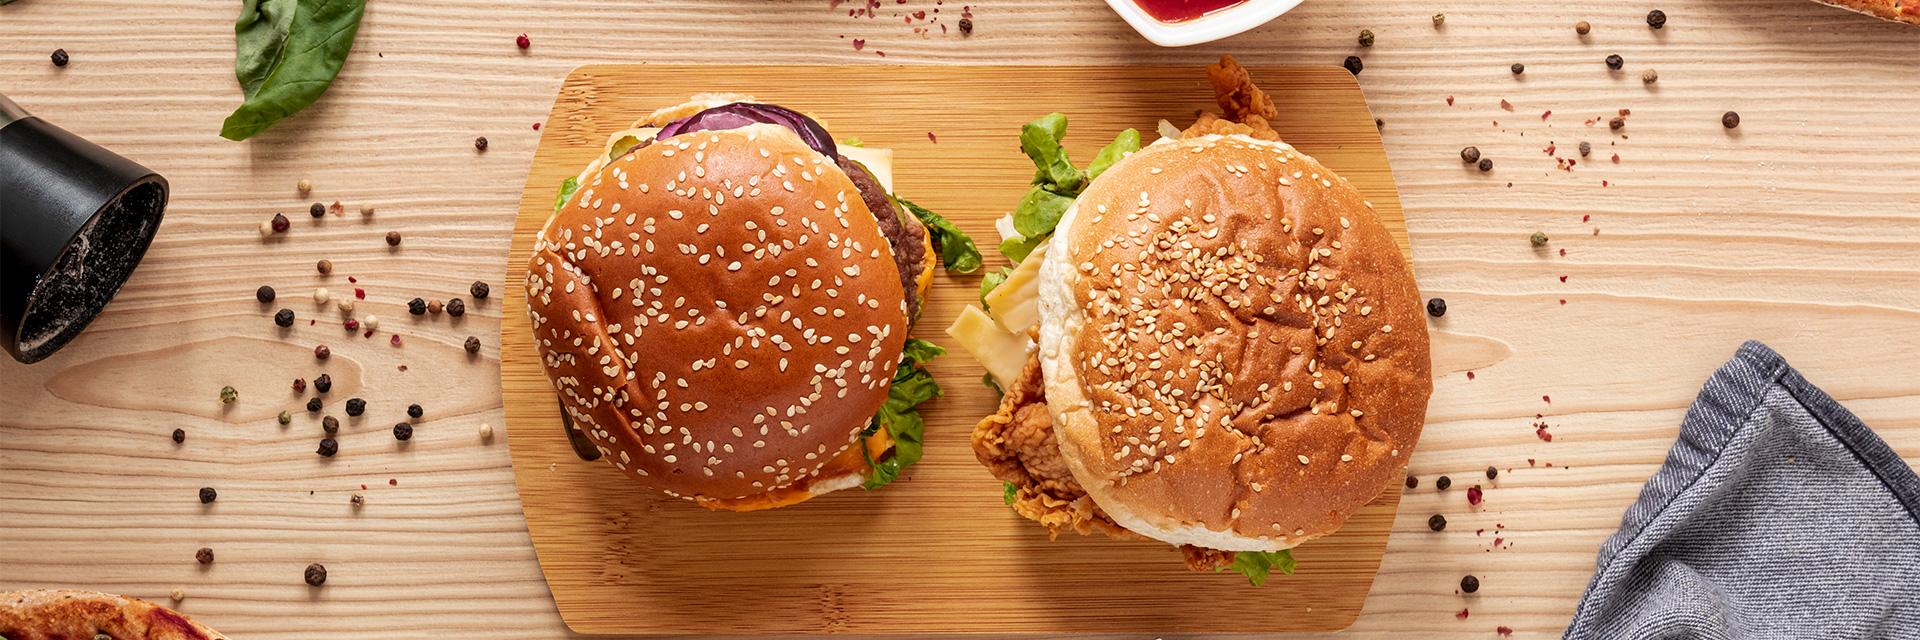 Eat перевод с английского на русский расшифровка аббревиатуры и пояснение что такое eat факторы в google